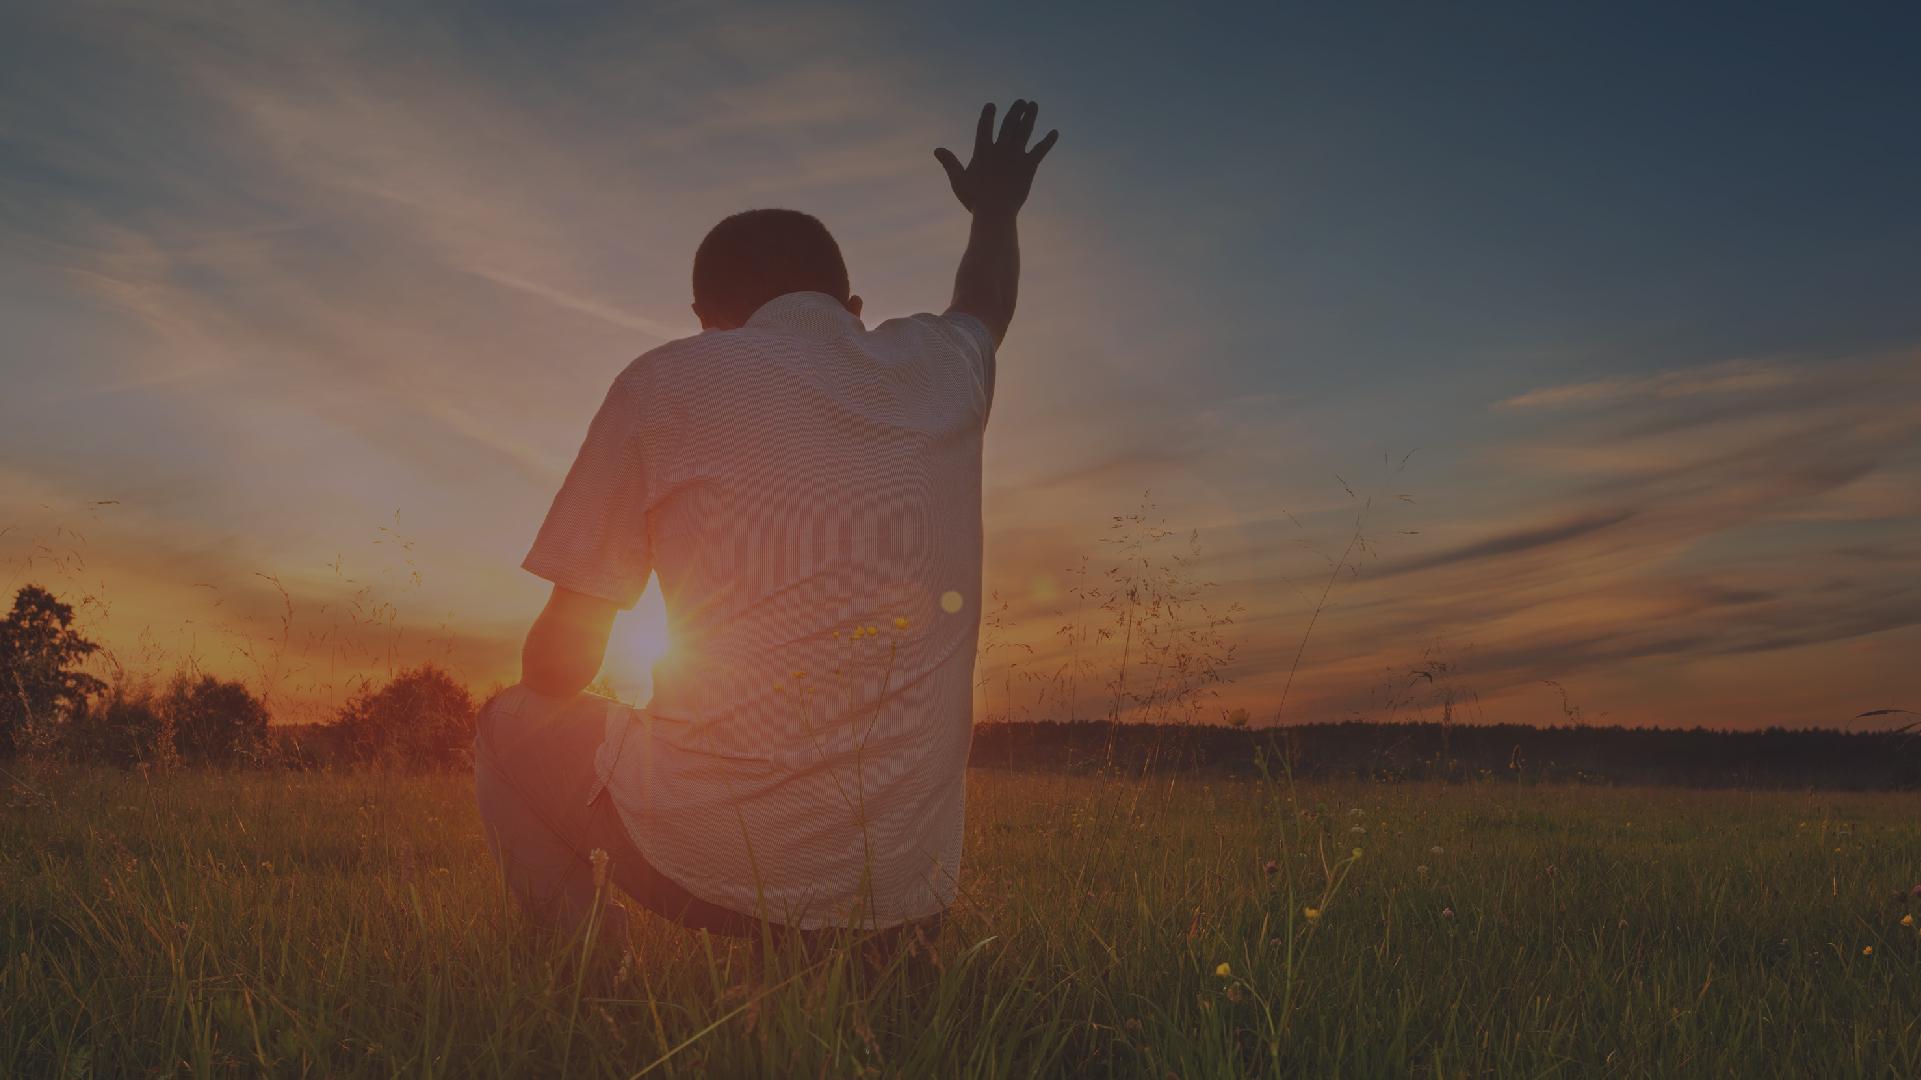 Artículos | Bendito sea Dios por su sabiduría y poder | Reflexionando en Daniel 2:20-22